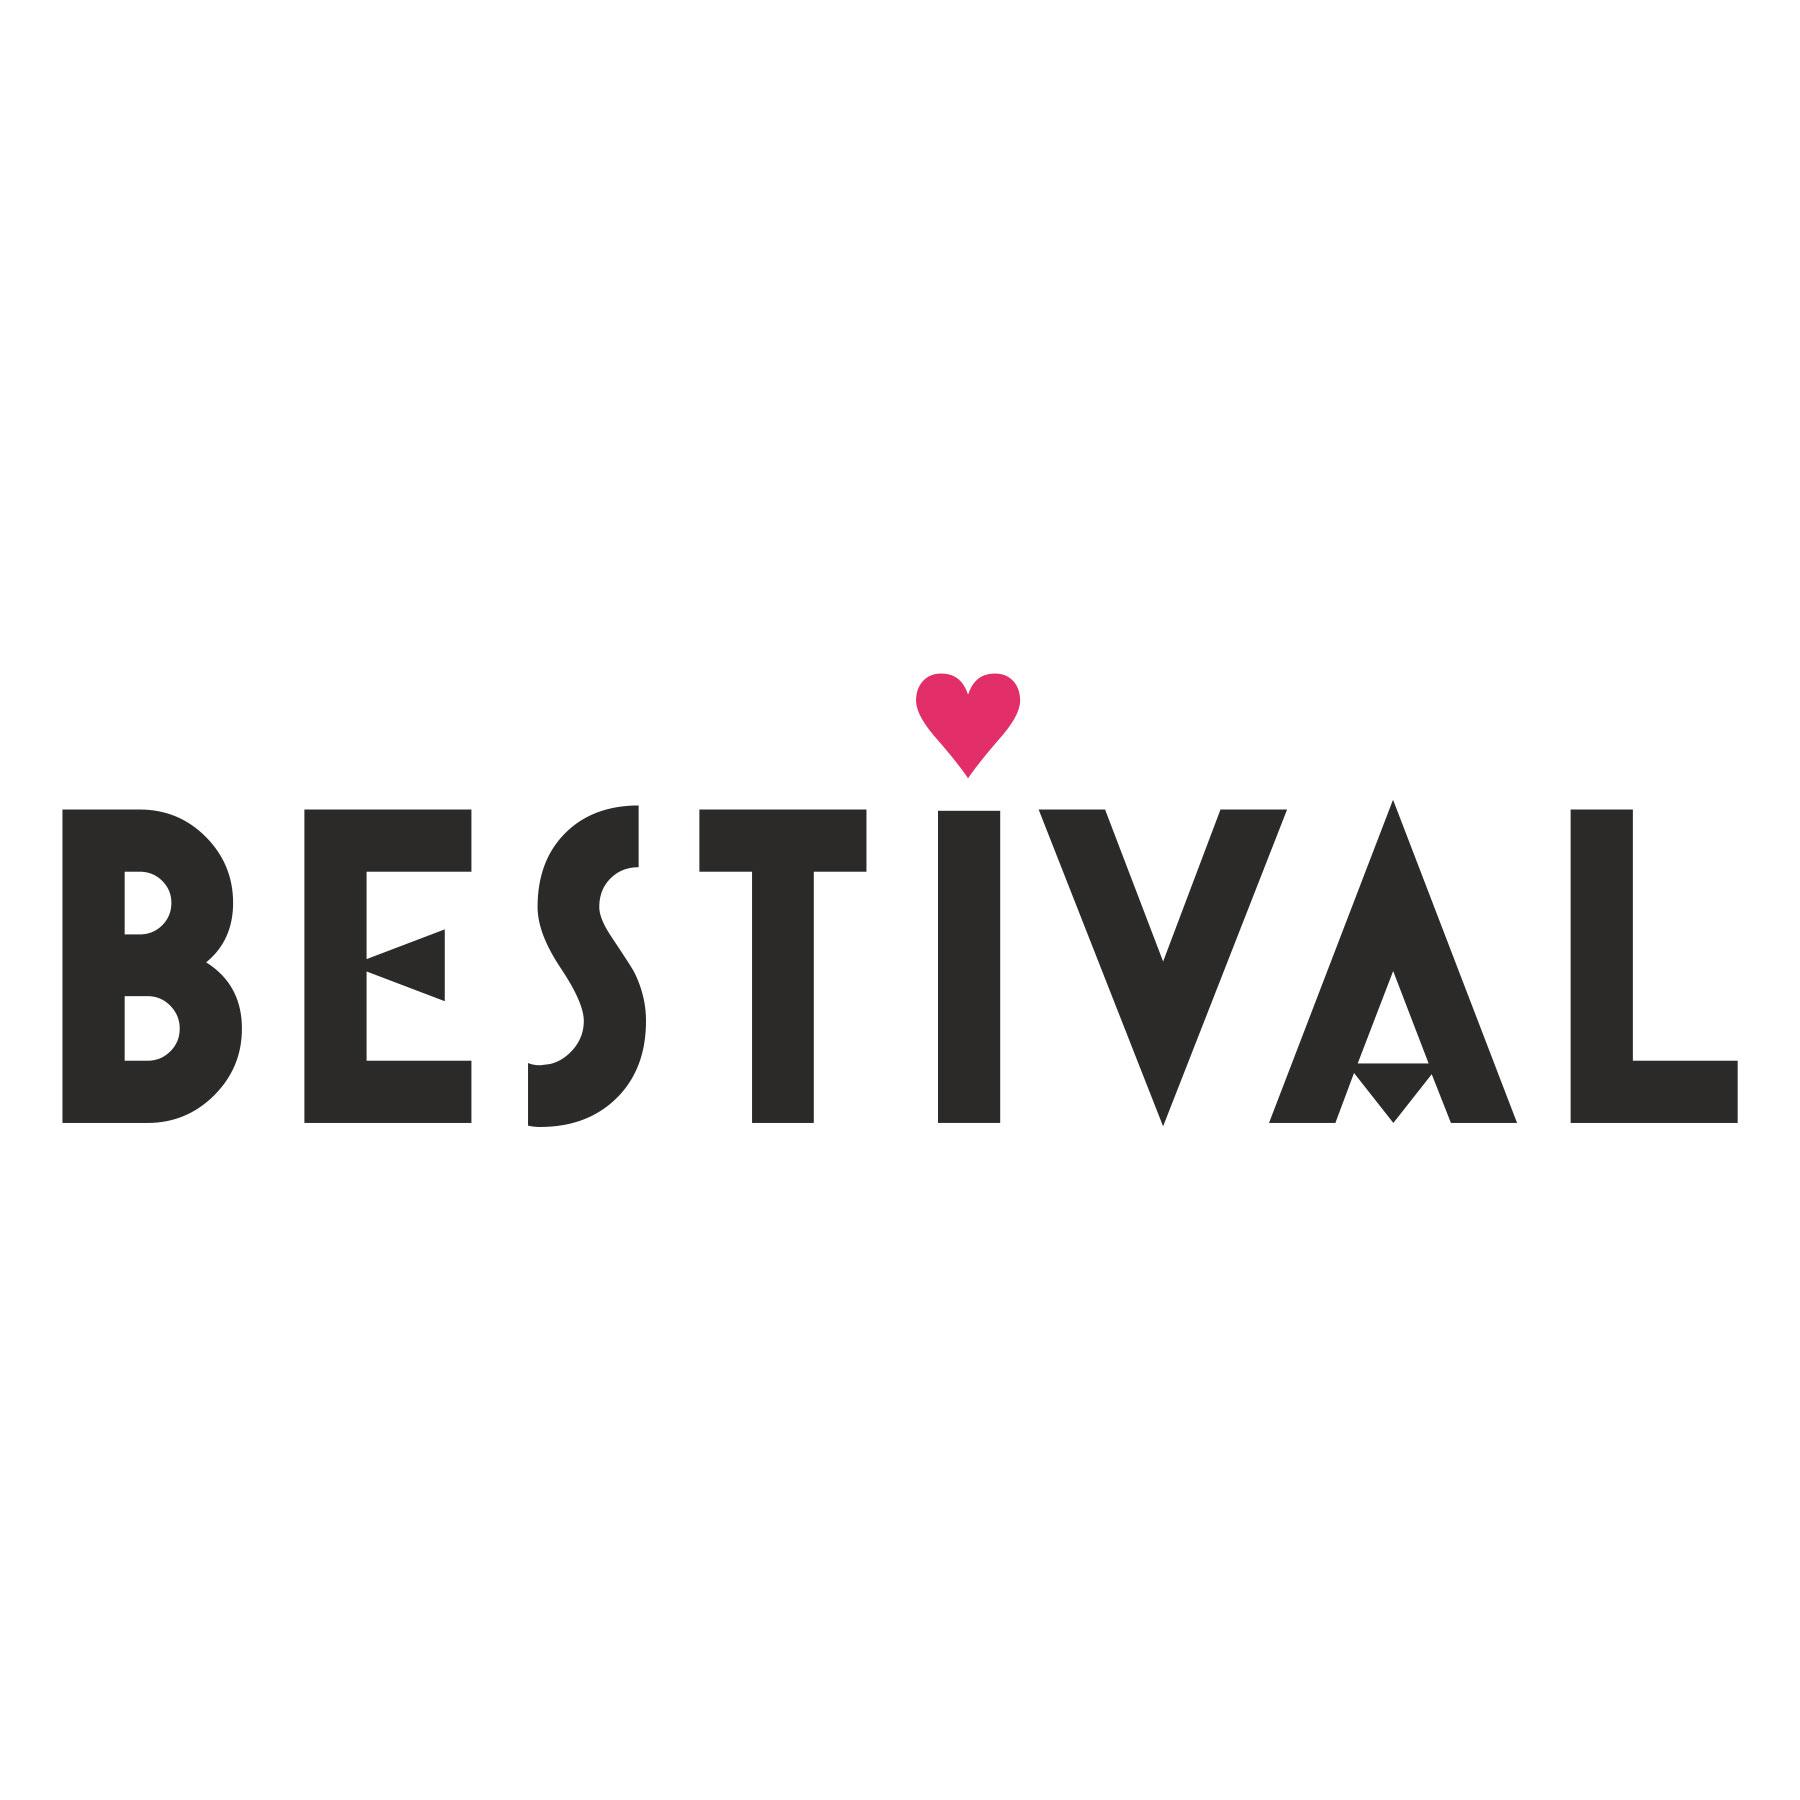 bestival-logo.jpg